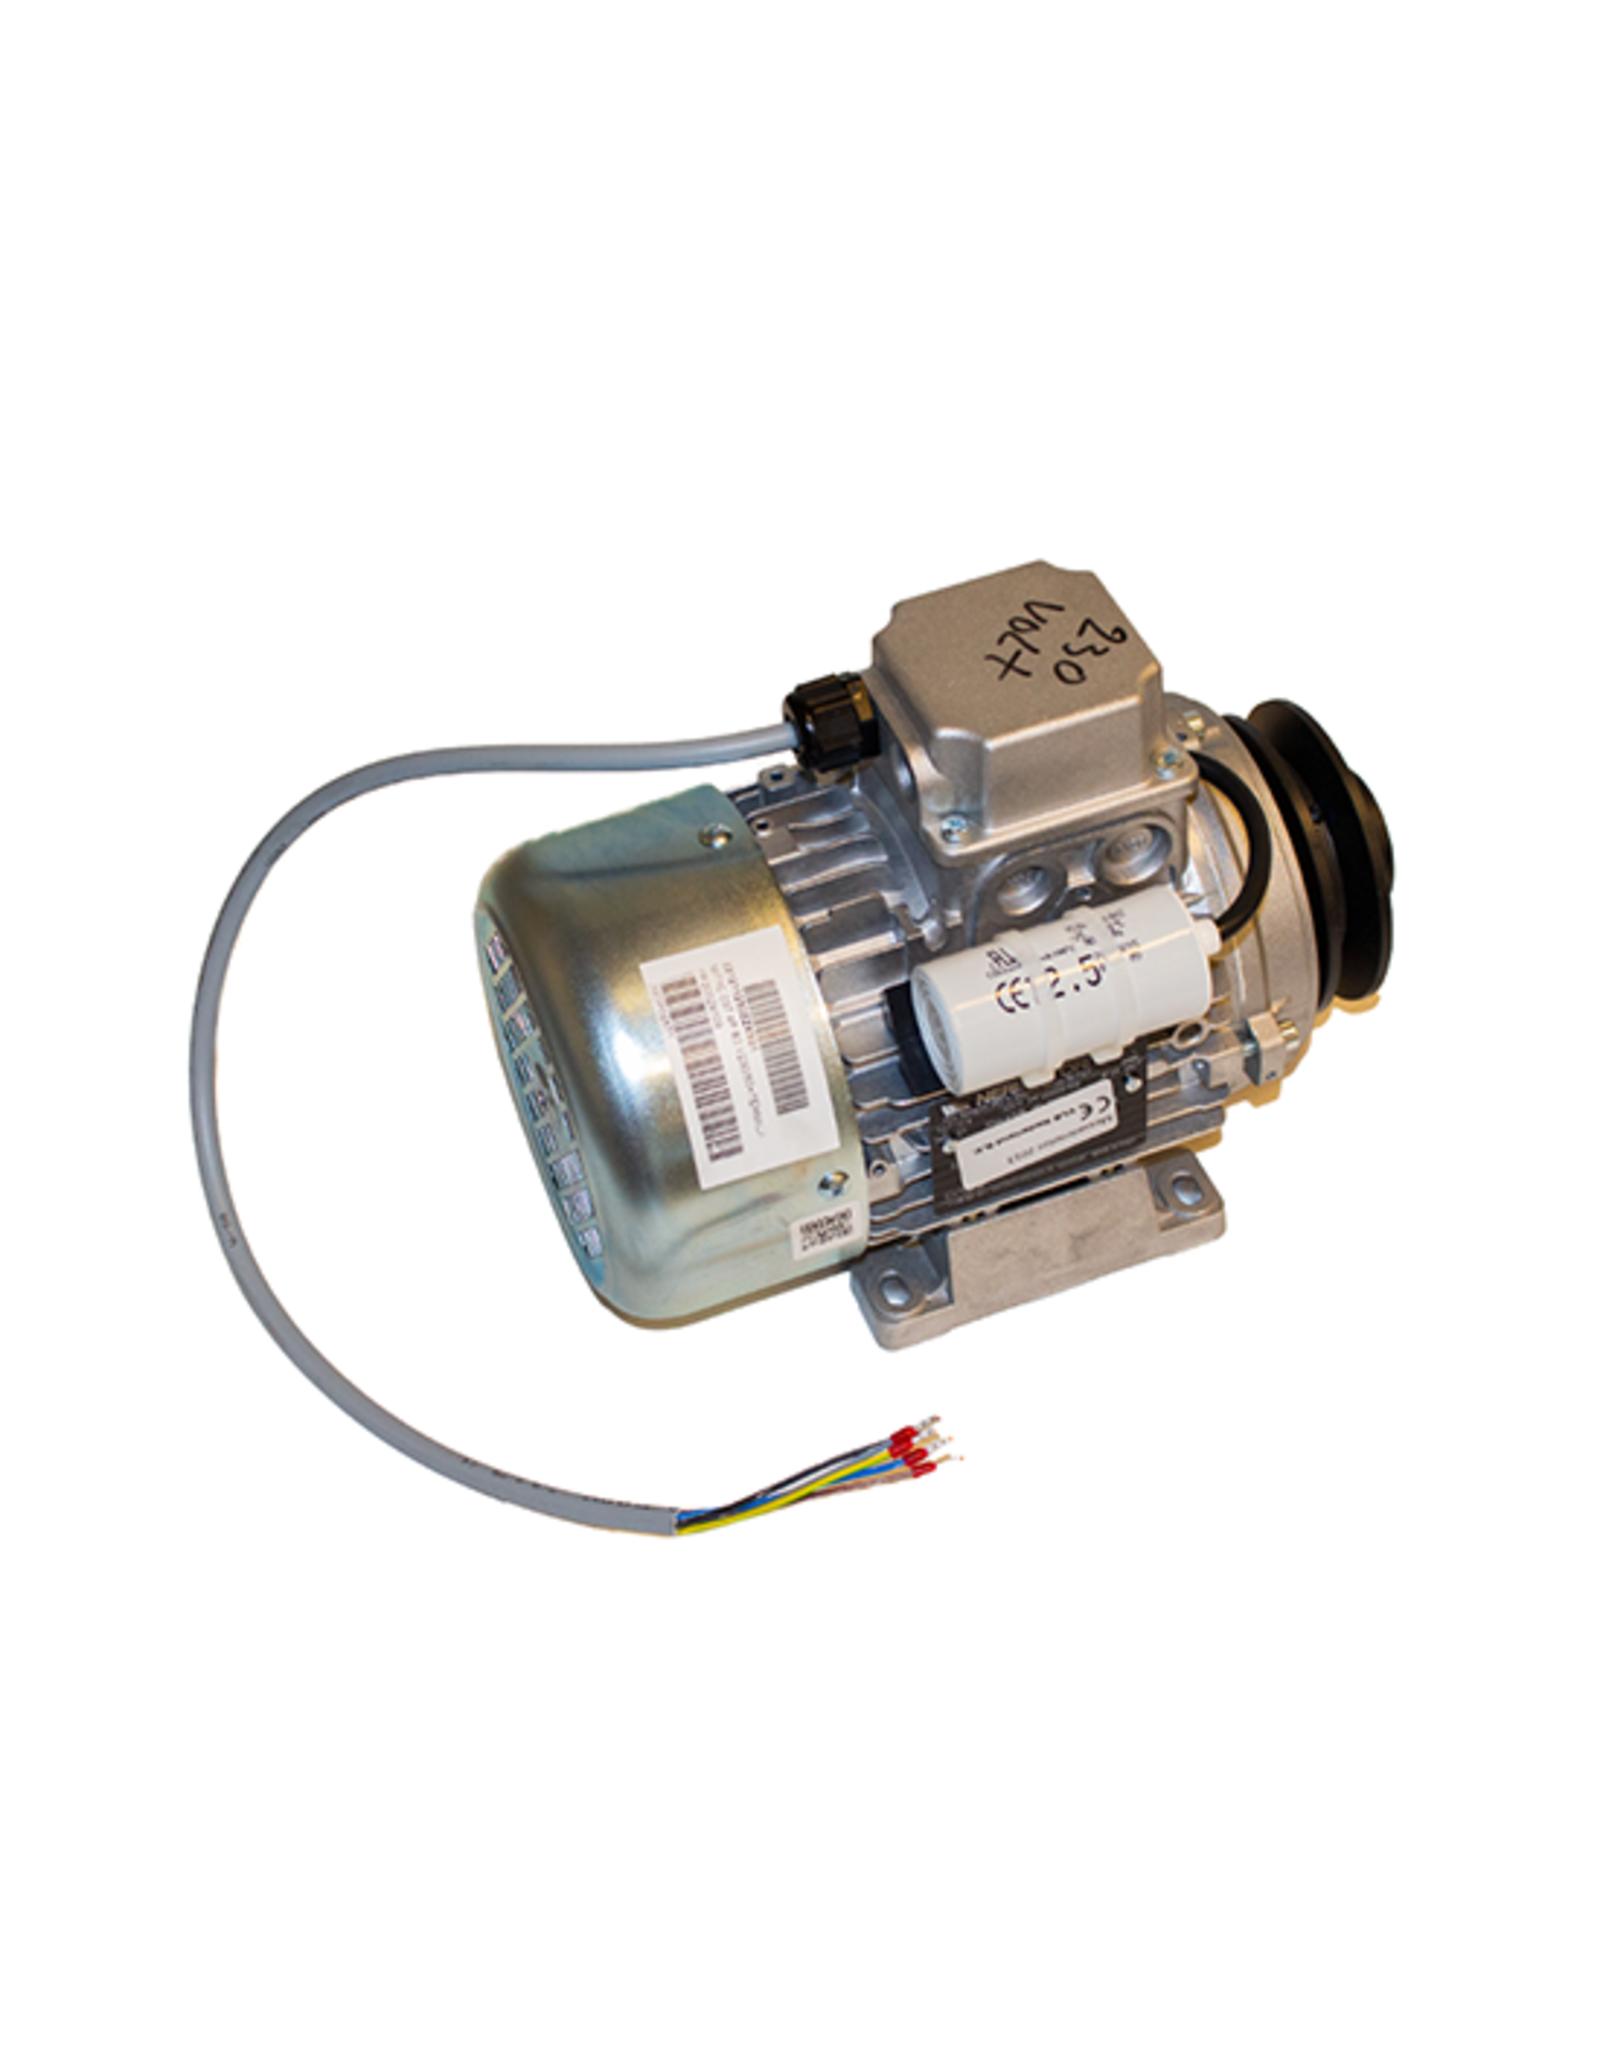 VLB Bread Slicers Lames transmission motor 230V